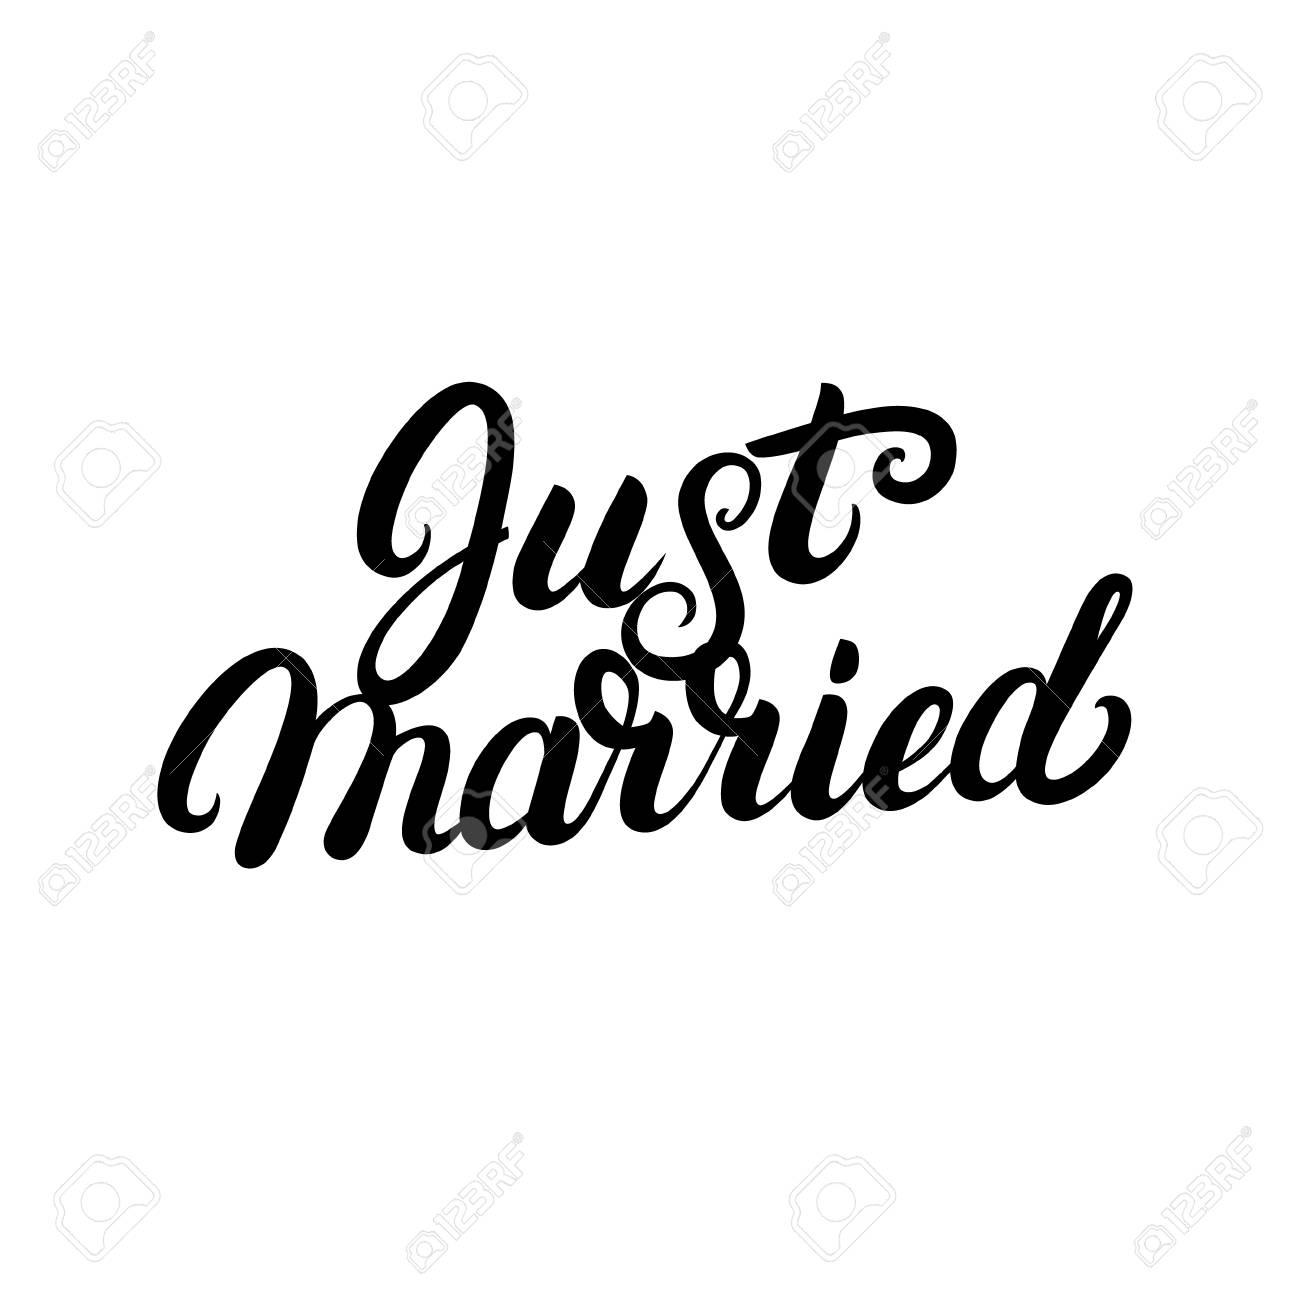 Gerade Verheiratete Hand Geschriebene Beschriftung Fur